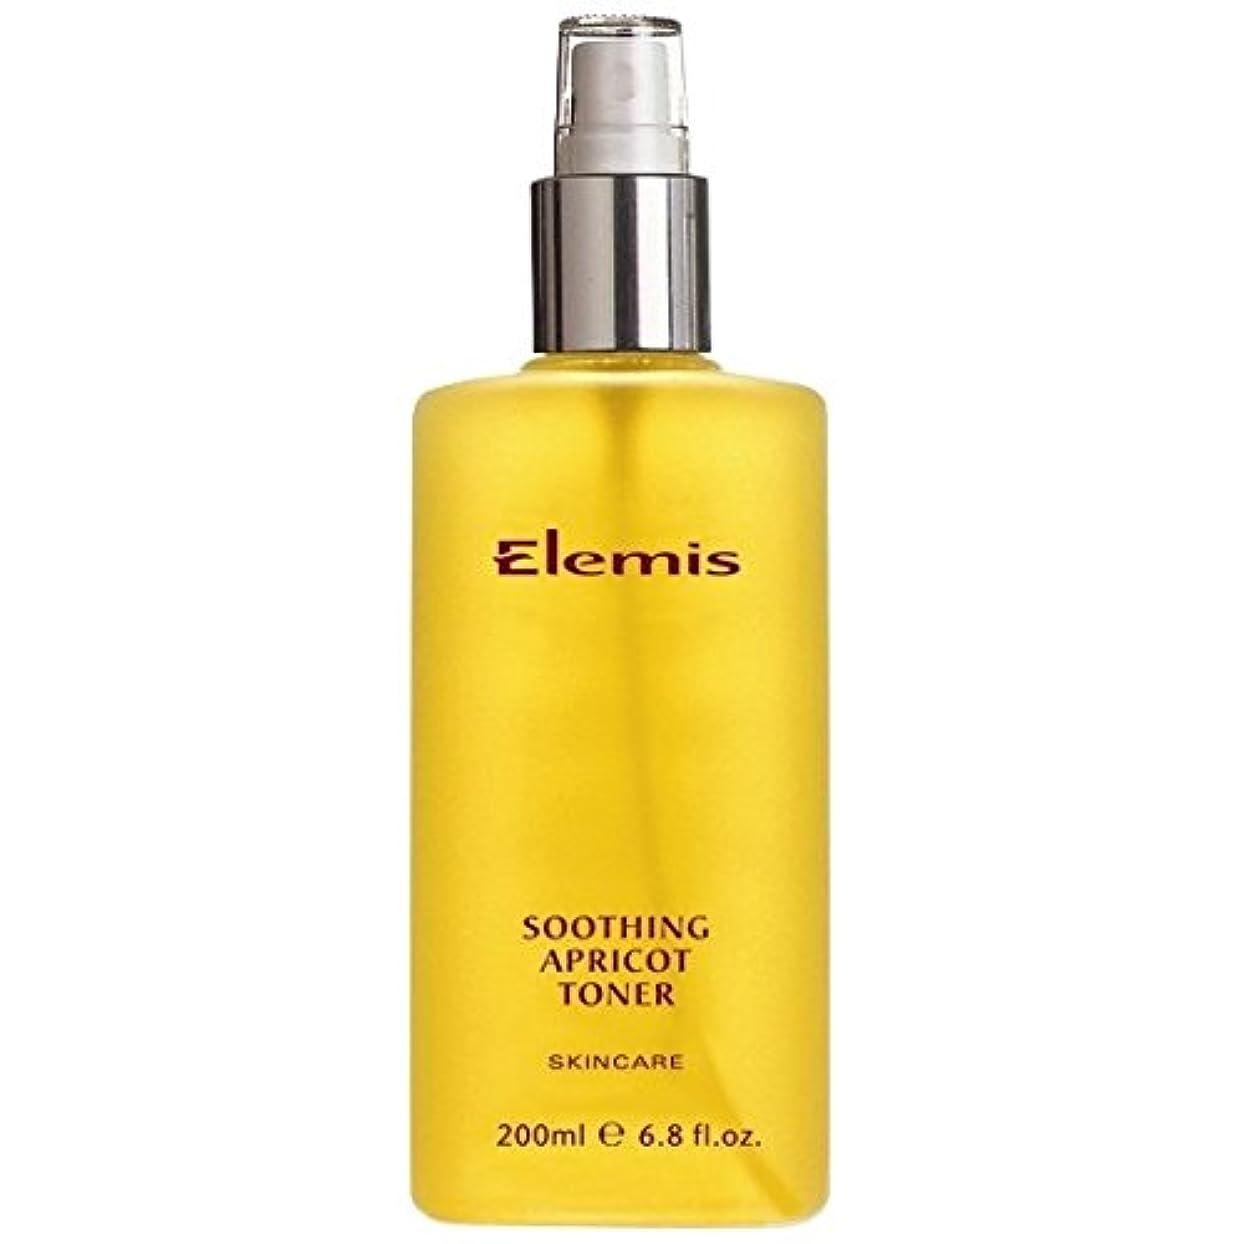 首シングル口ひげエレミスはなだめるようなアプリコットトナーをスキンケア (Elemis) (x2) - Elemis Skincare Soothing Apricot Toner (Pack of 2) [並行輸入品]